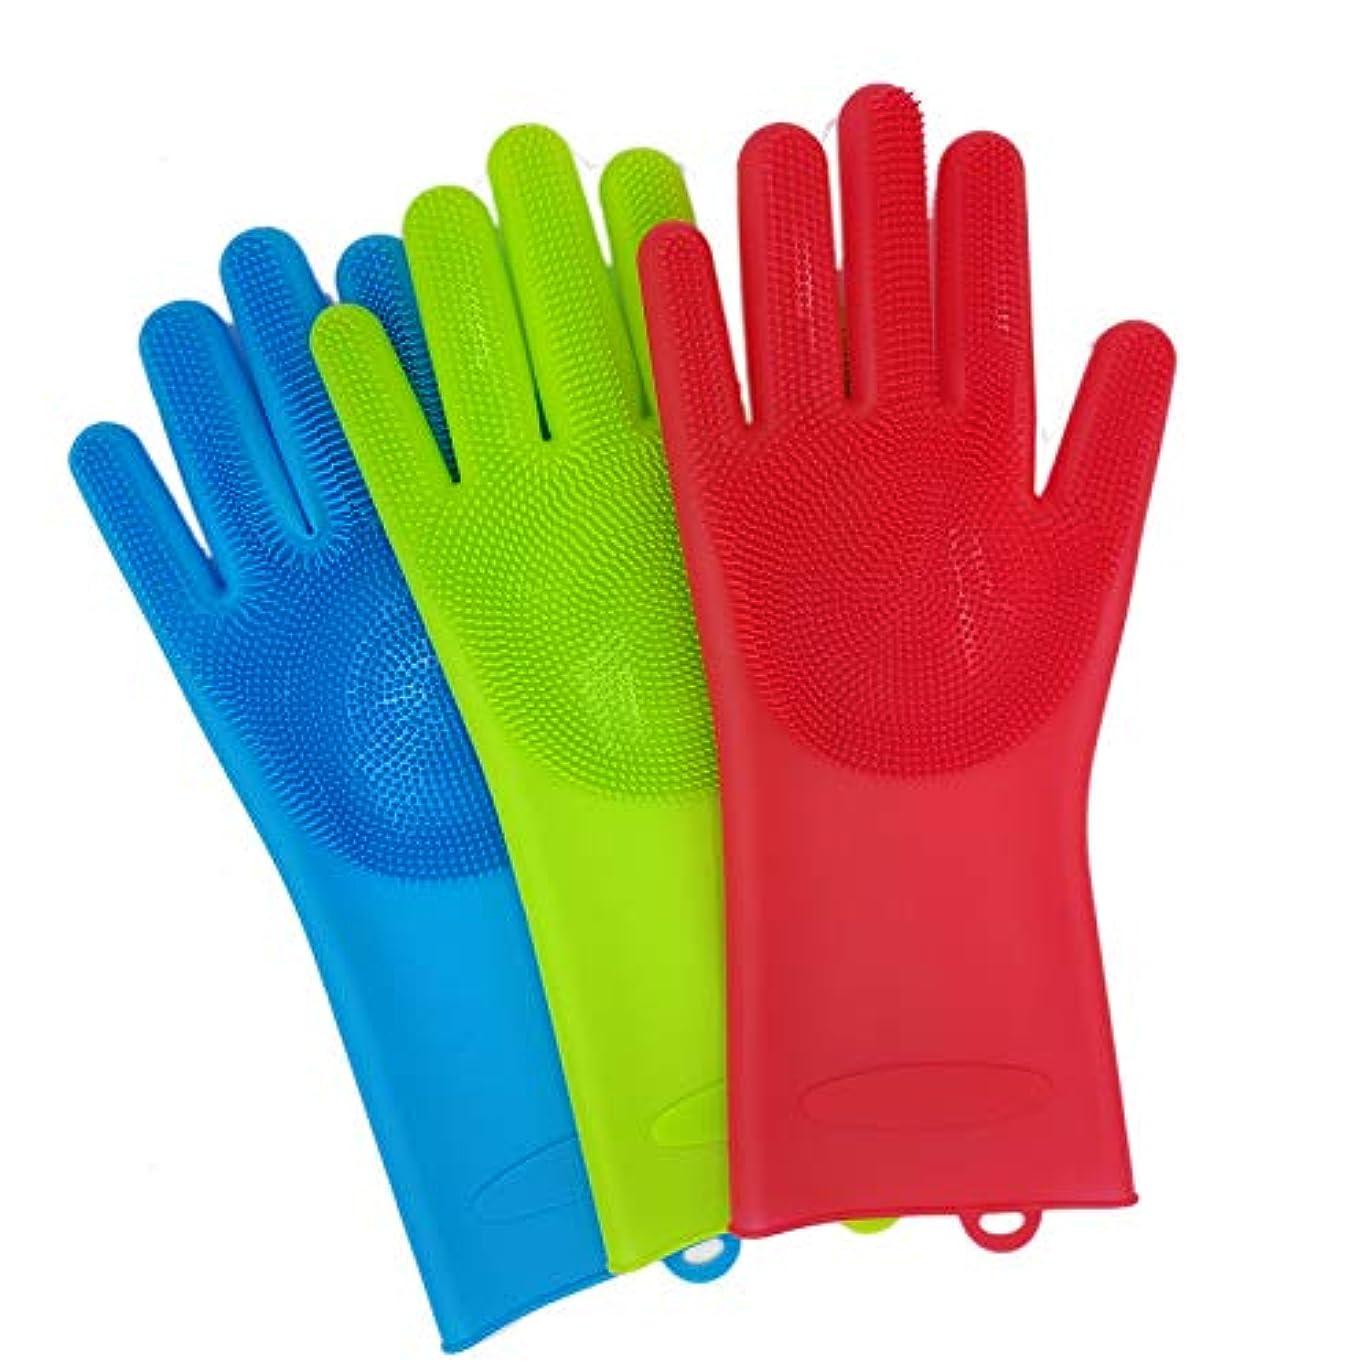 海藻統治可能グリーンバックBTXXYJP 手袋 ペット ブラシ 猫 ブラシ グローブ 耐摩耗 クリーナー 抜け毛取り マッサージブラシ 犬 グローブ ペット毛取りブラシ お手入れ (Color : Blue, Size : L)